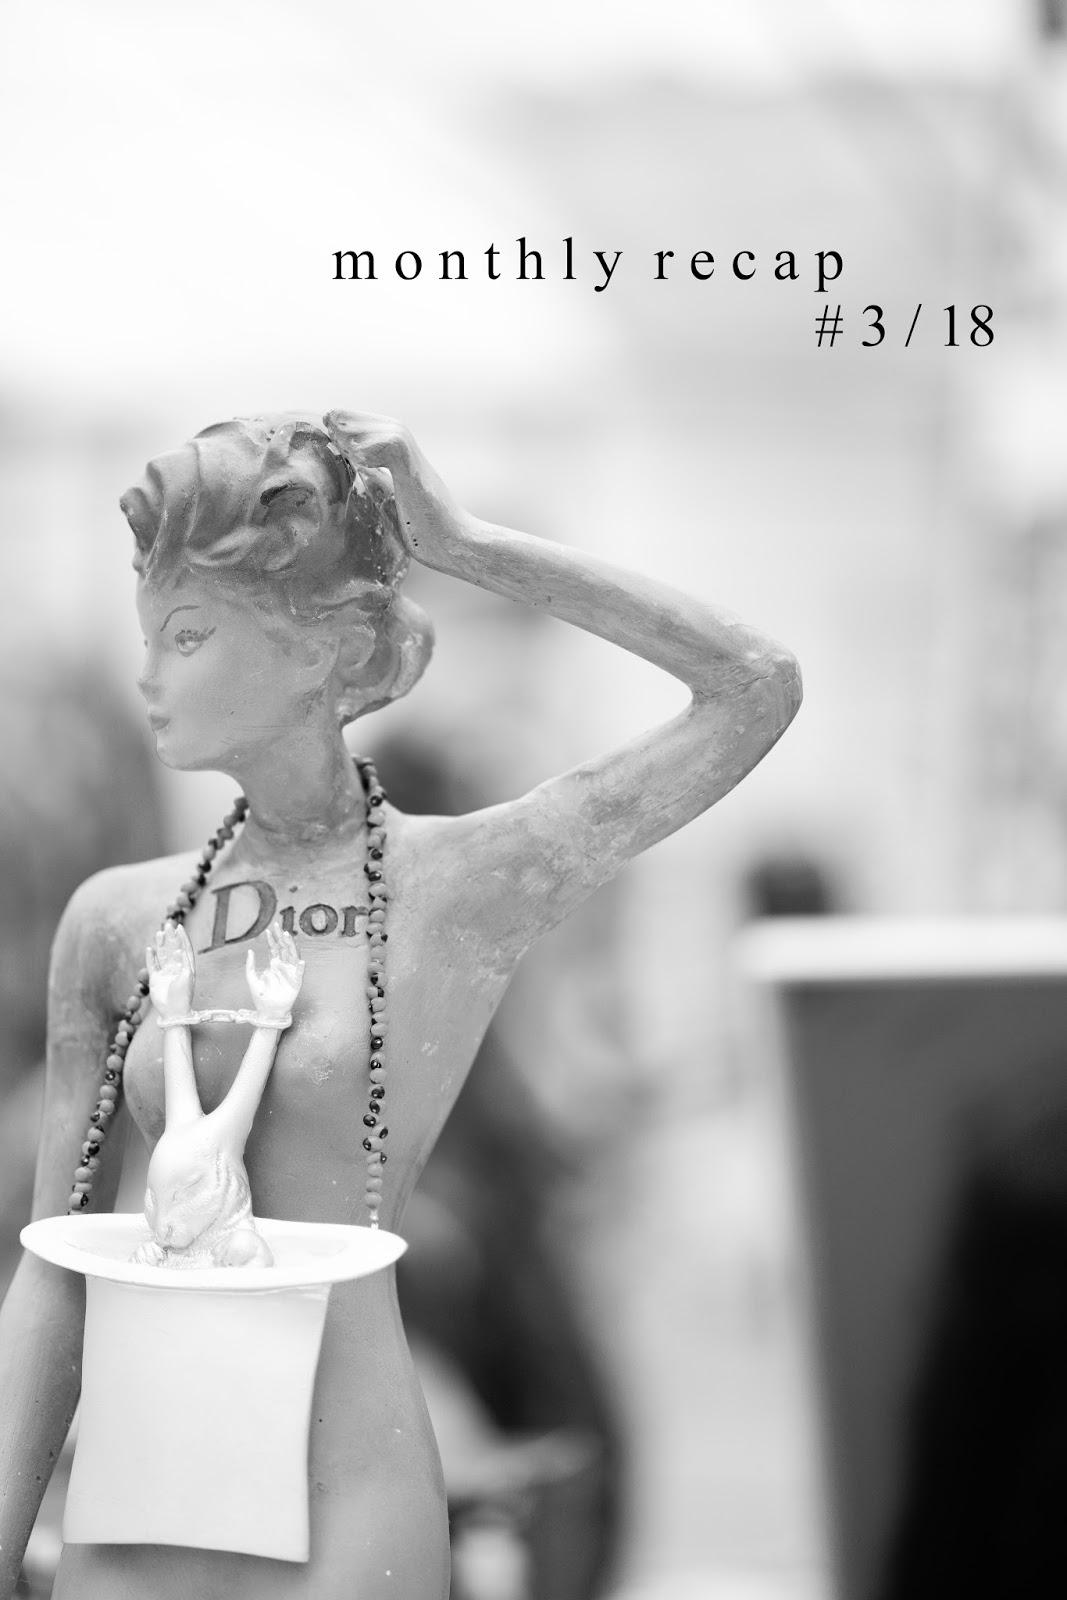 MONTHLY RECAP #3